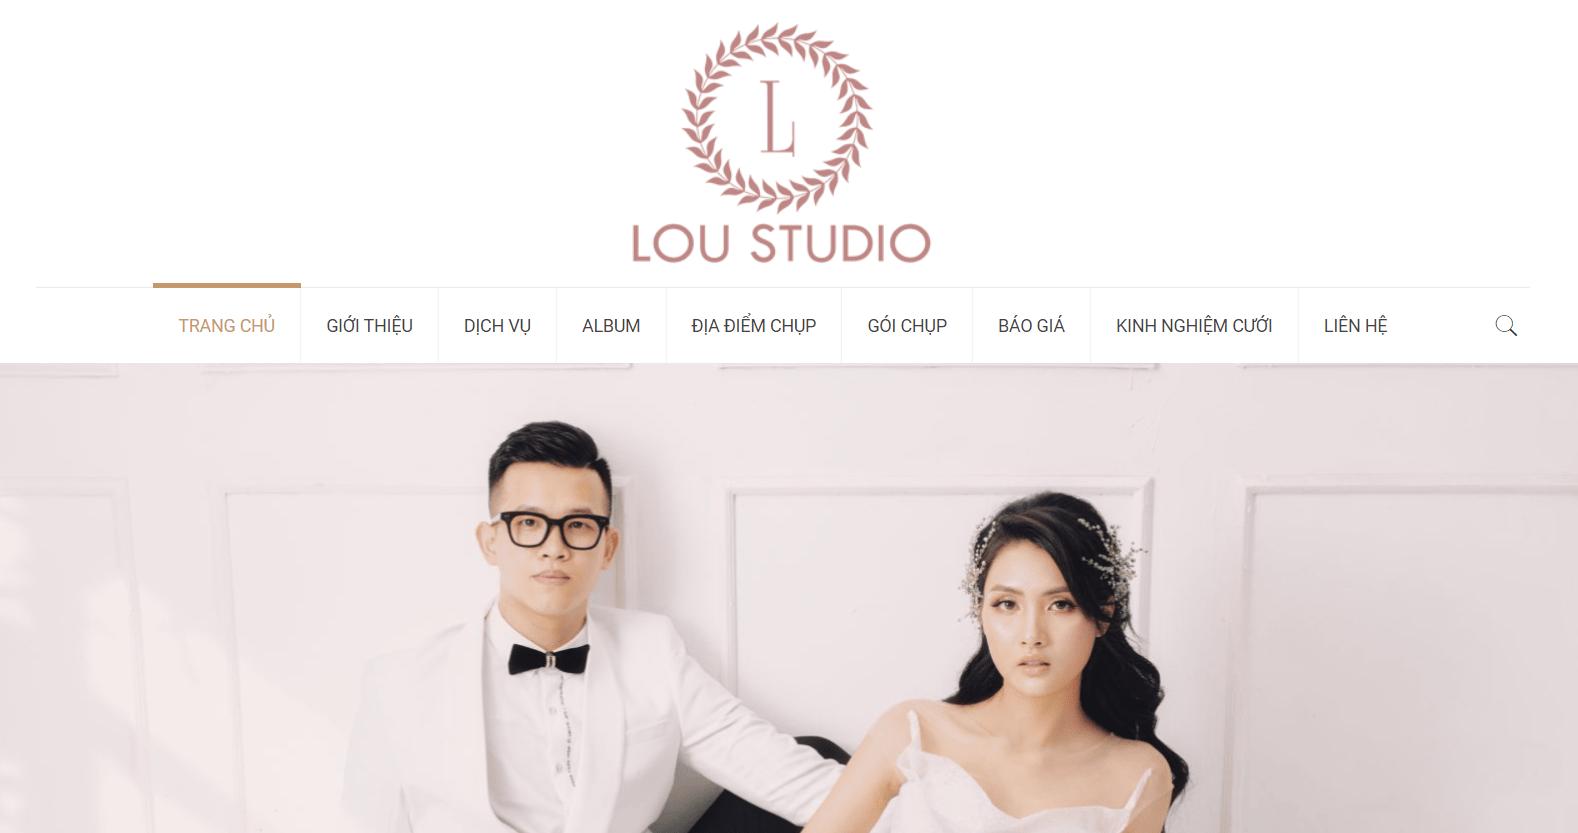 Lou Studio - Studio Chụp Ảnh Cưới Uy Tín Tại Hà Nội